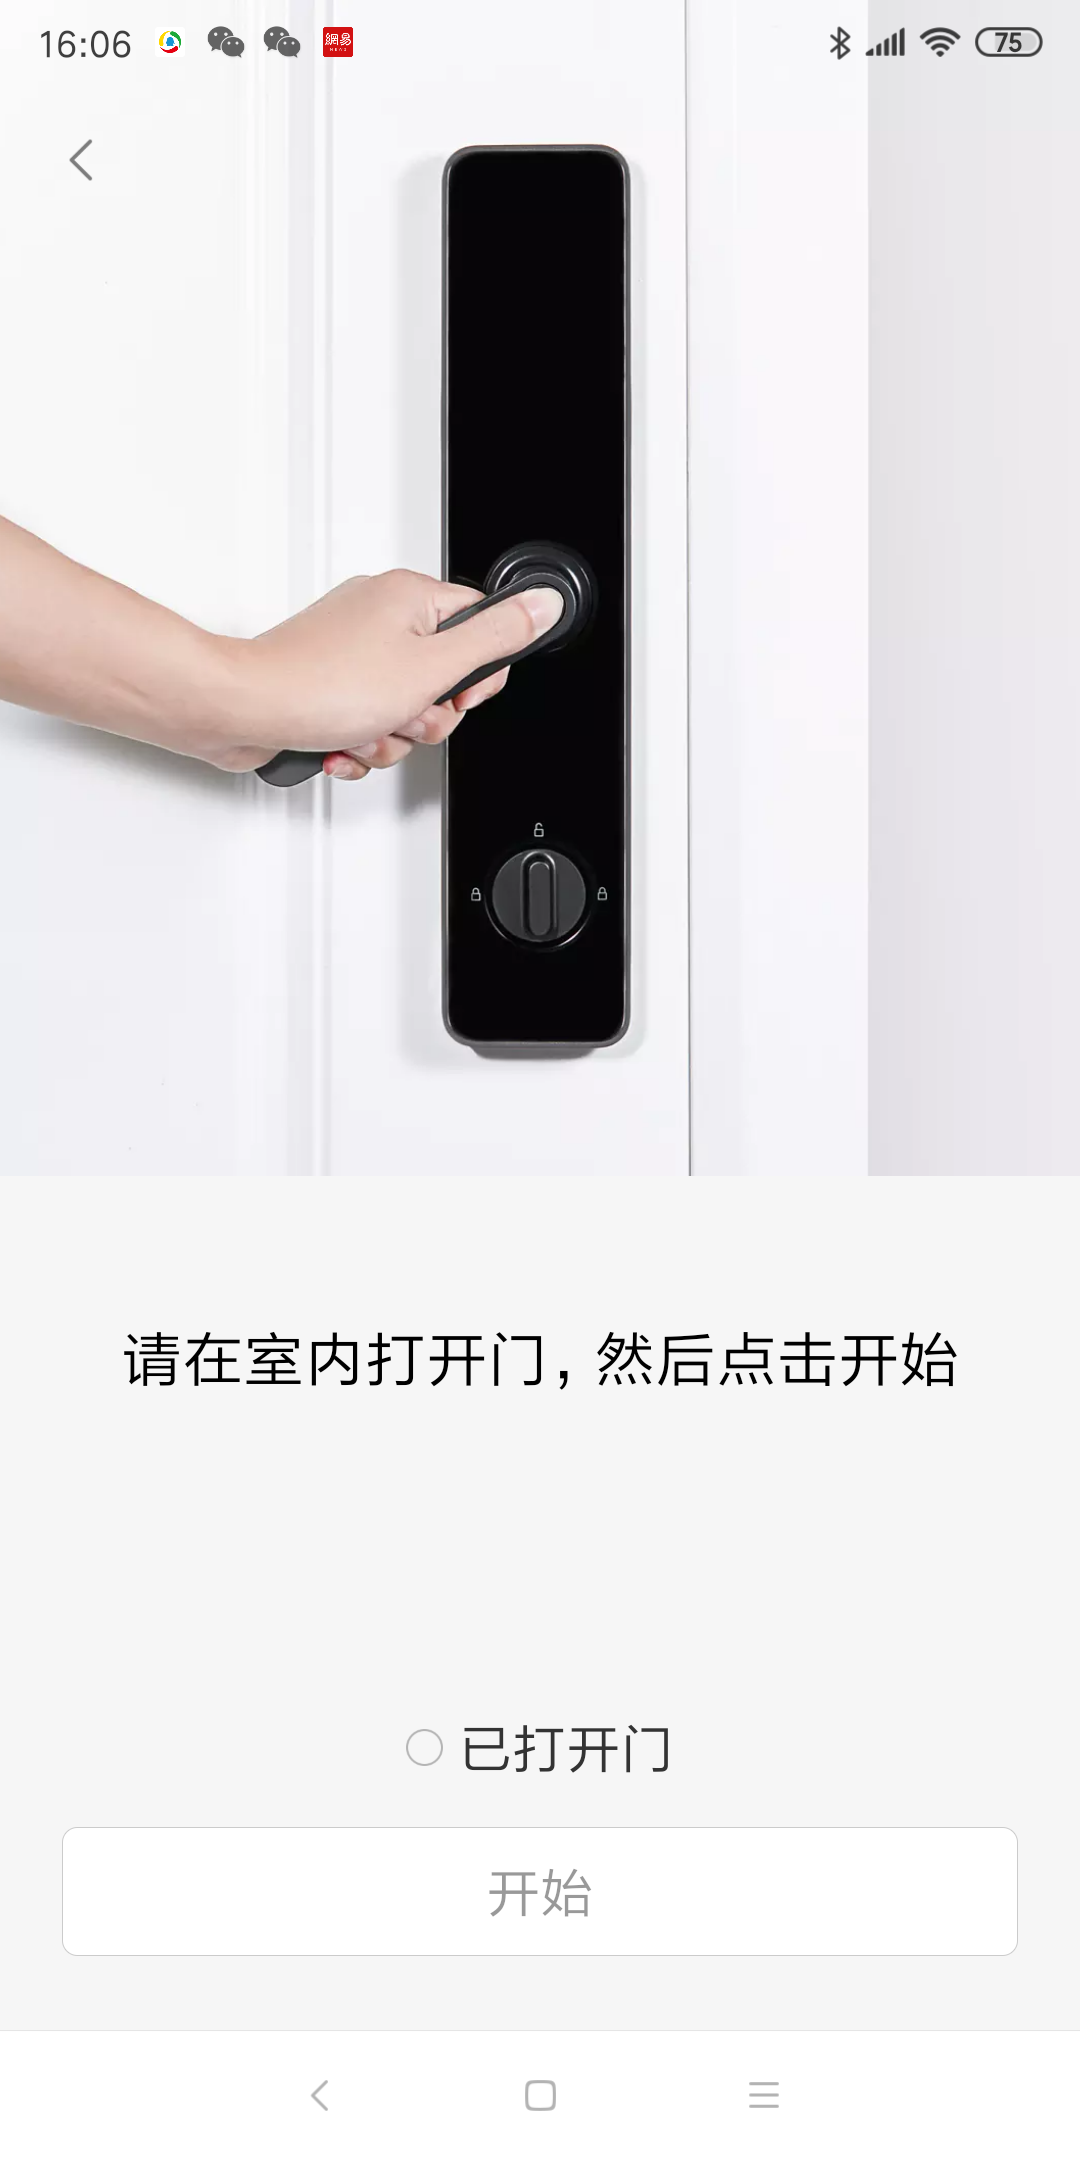 小米智能锁常见问题,小米米家智能门锁老坏锁不住怎么样远程